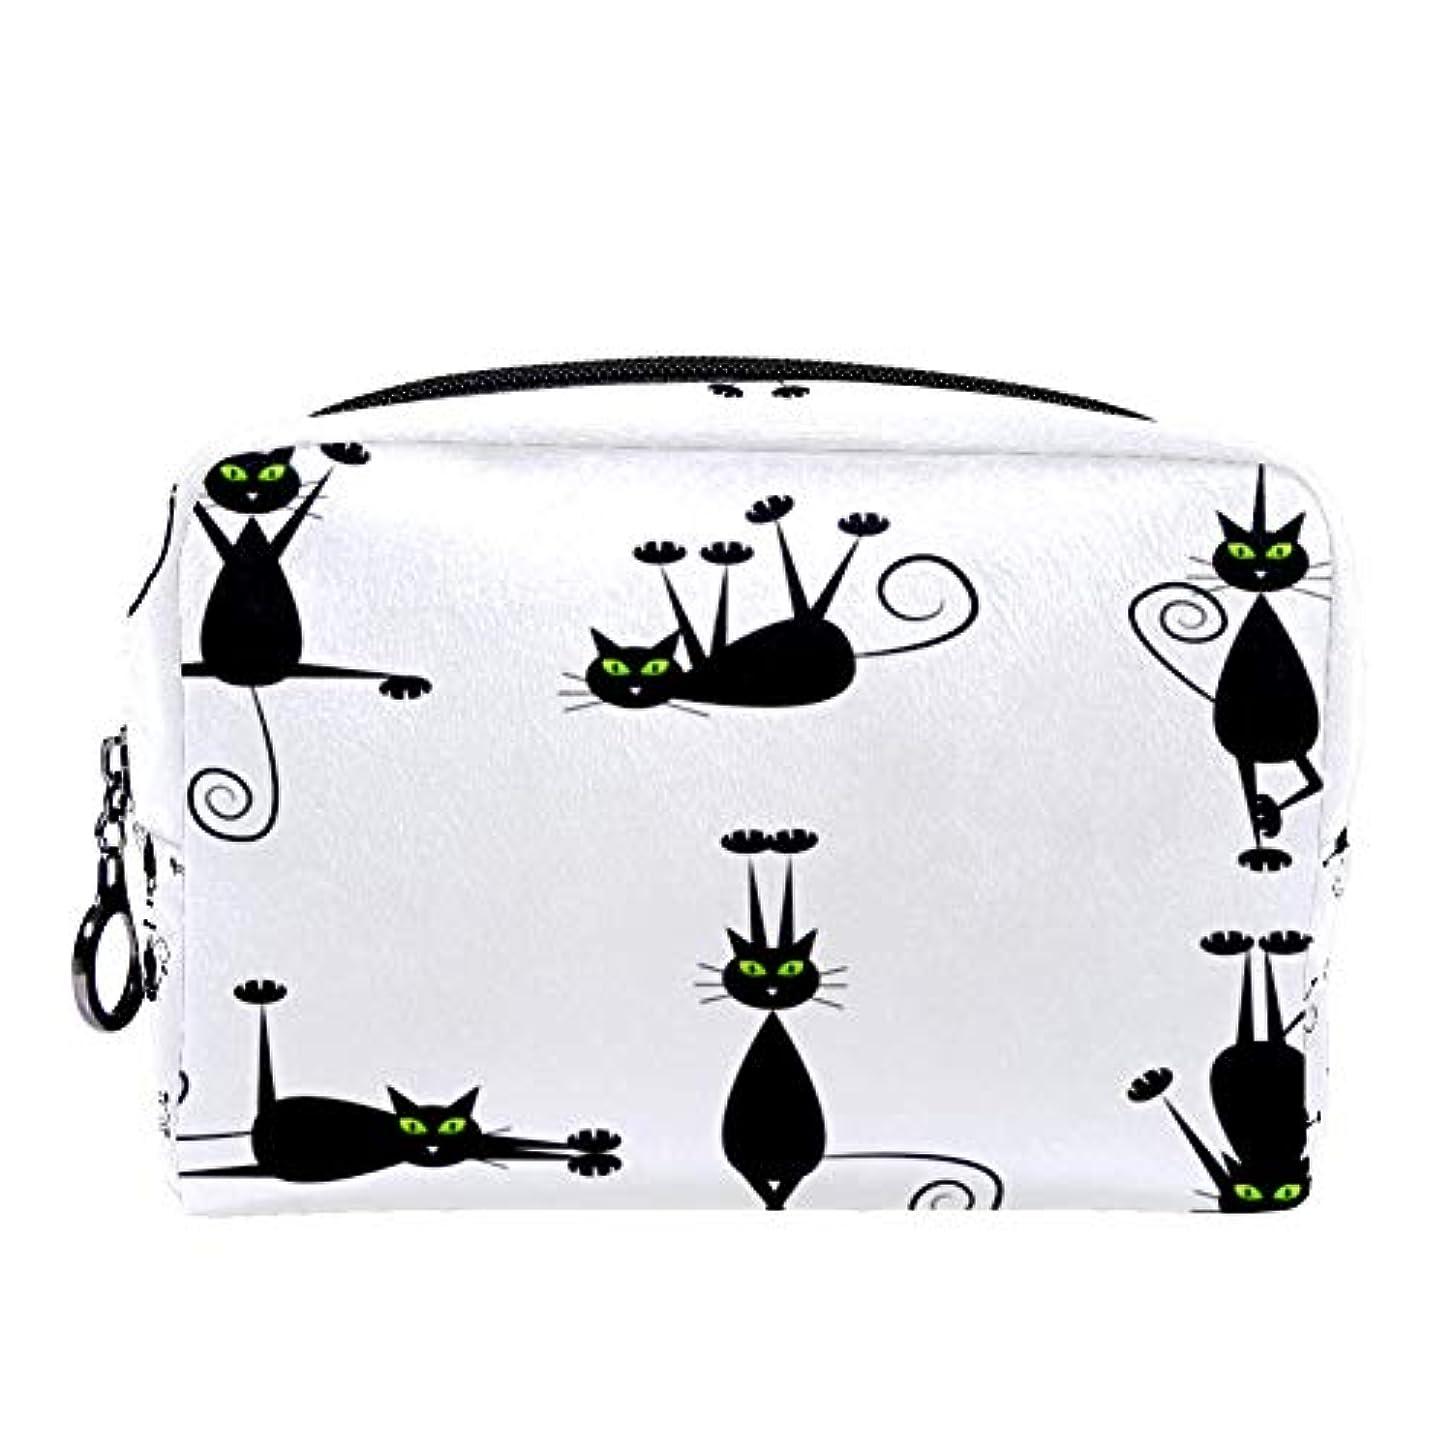 症状契約する乱雑なDragon Sword 化粧ポーチ レディース 黒い 猫柄 コスメポーチ メイクポーチ 柔らかい コンパクト 軽量 化粧品収納 小物ポーチ出張 旅行 持ち運び便利